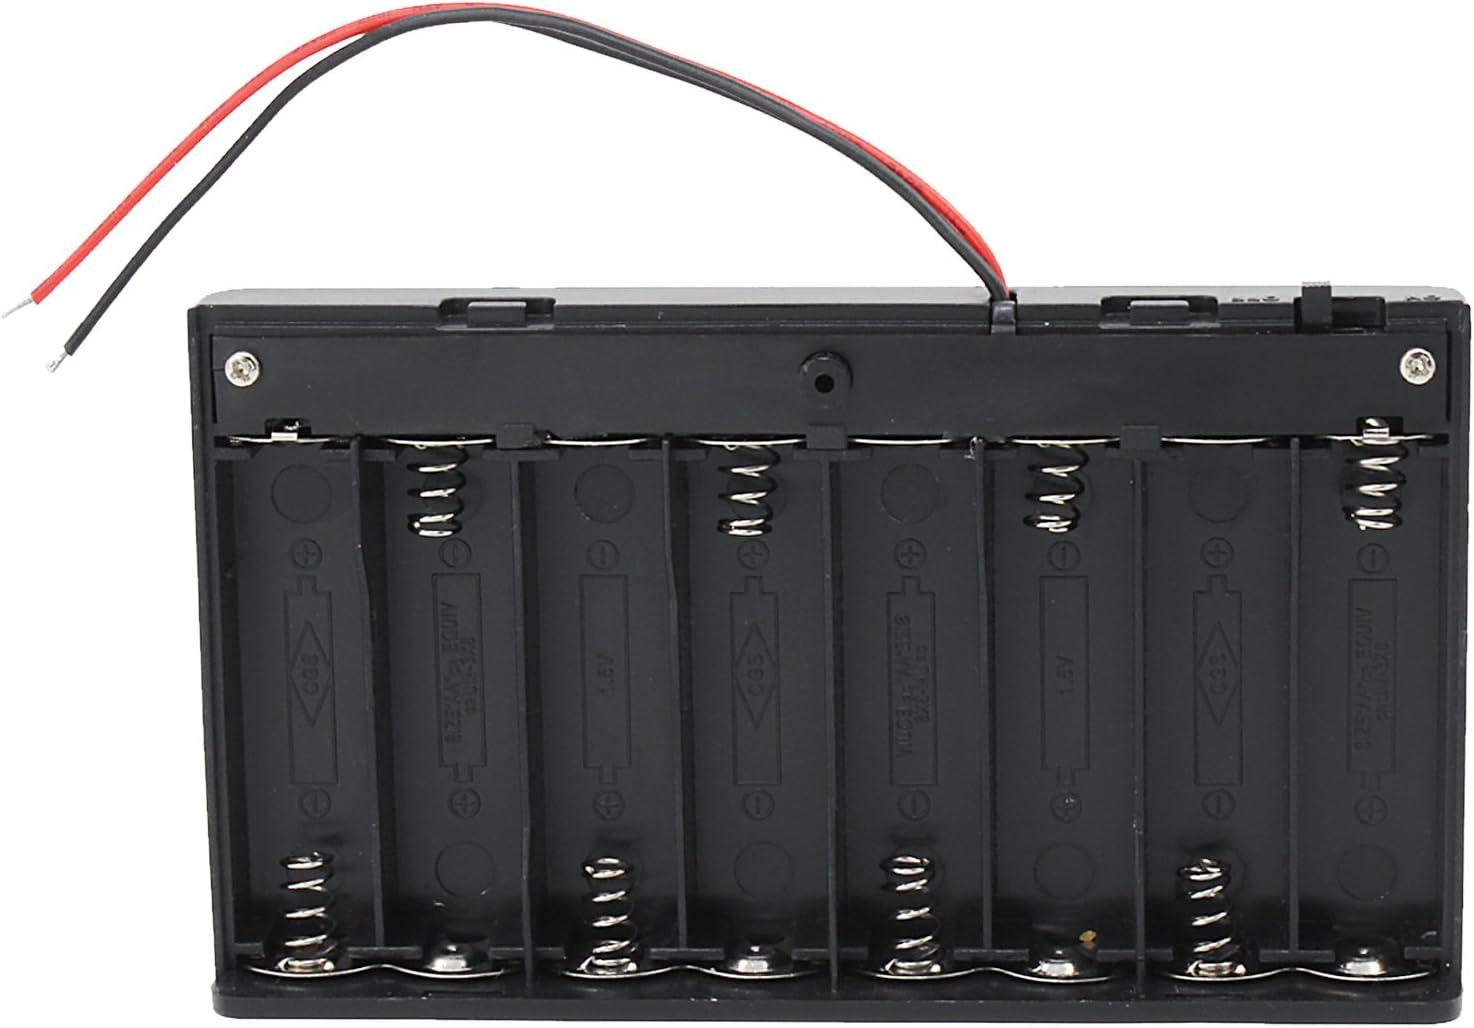 KEESIN AA 12V batería titular caso caja de almacenamiento de la batería de plástico con interruptor ON/OFF y cierre Cable Ties